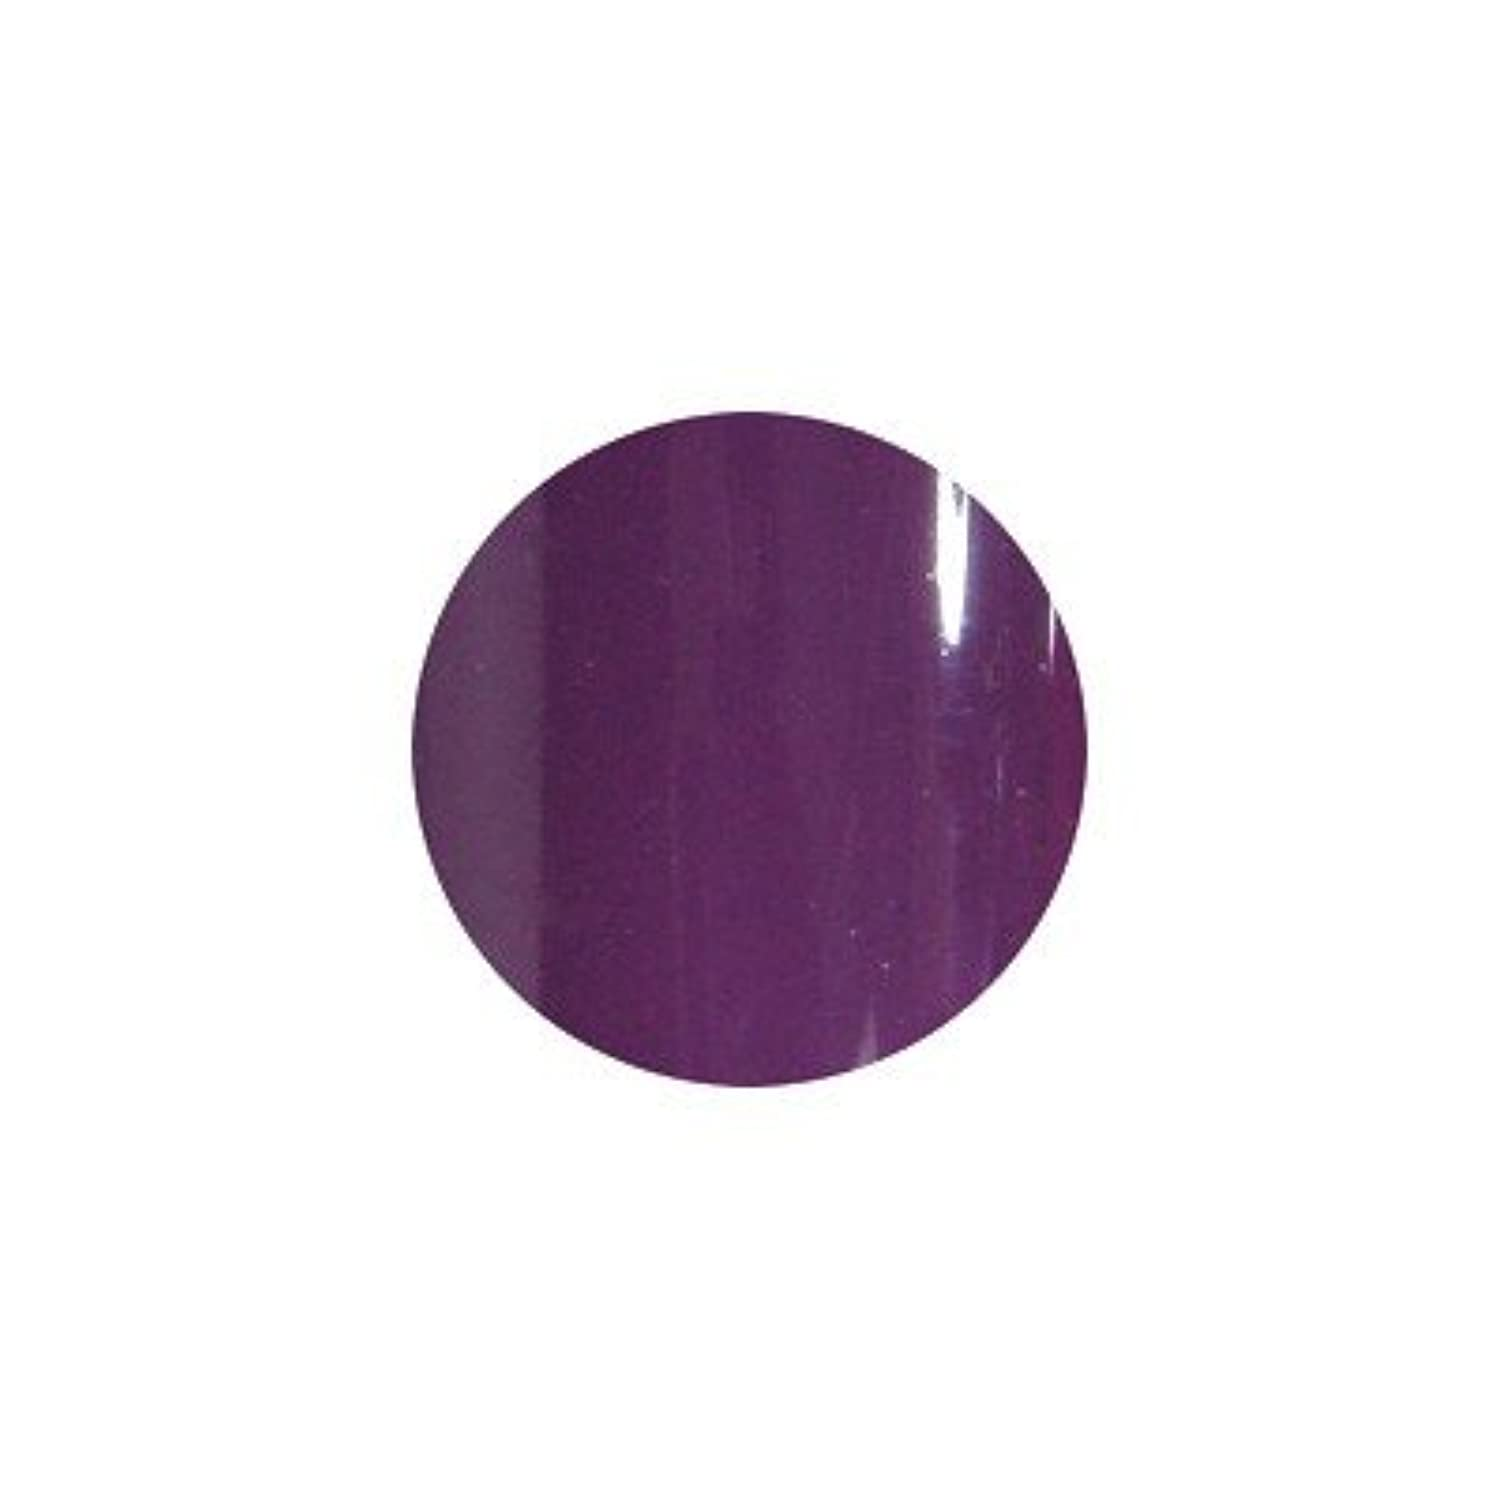 ずんぐりした名義で雇ったsacra カラージェル No.026 紫式部